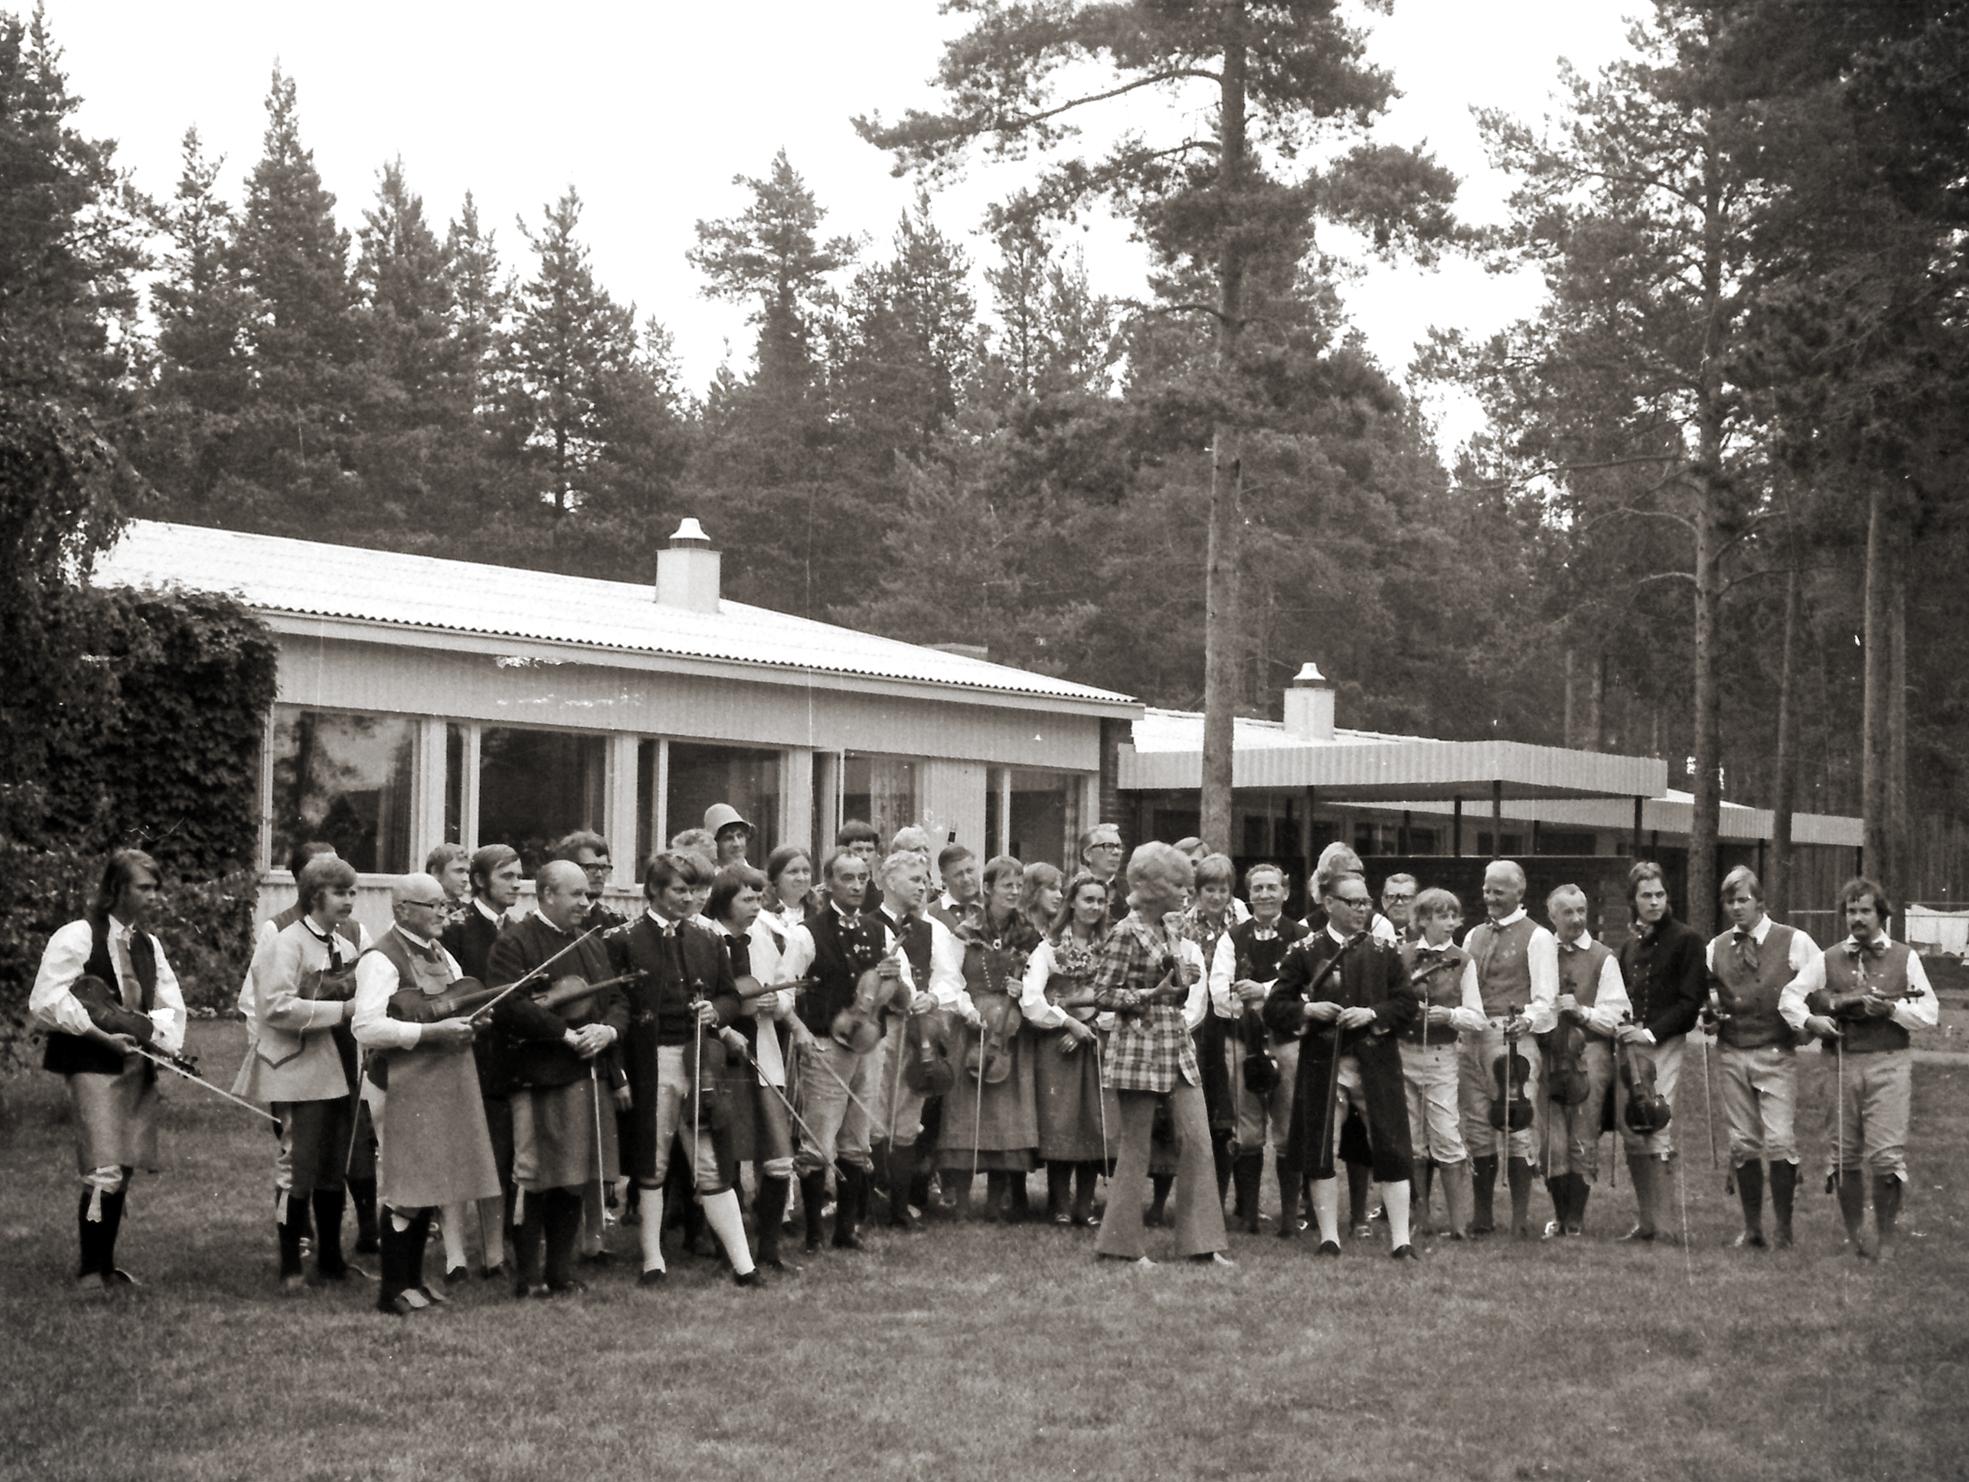 46 år innan Jonny Soling fick Knis Karl-stipendiet ses han här på bild tillsammans med just Knis Karl Aronsson och några andra spelmän som haft stor betydelse för honom. Bilden är från Husmodersskolan i Veteli i Österbotten, Finland. Där bodde två busslaster dalaspelmän i samband med Kaustinen Folk Music Festival i juli 1971. Jonny, tvåa från vänster, var färsk spelman. Han hade börjat spela i januari samma år trots att Erik Moraeus, fyra från väster i främre ledet, sagt att han var för gammal. Knis Karl står med långrock längst fram till höger. Med hatt i bakre raden finns en person som skulle bli Jonnys nära spelkompis och kollega vid Malungs folkhögskola i mer än 35 år, Kalle Almlöf. Till vänster om Jonny står hans lillebror Kalle. Till höger om Erik Moraeus ses Kungs Levi Nilsson, senare kurskamrat med Jonny på Musikhögskolan, och Olle Moraeus som tillsammans med andra unga Orsaspelmän inspirerade Jonny till att slå in på en ny musikalisk väg.Foto: Hans Bohm